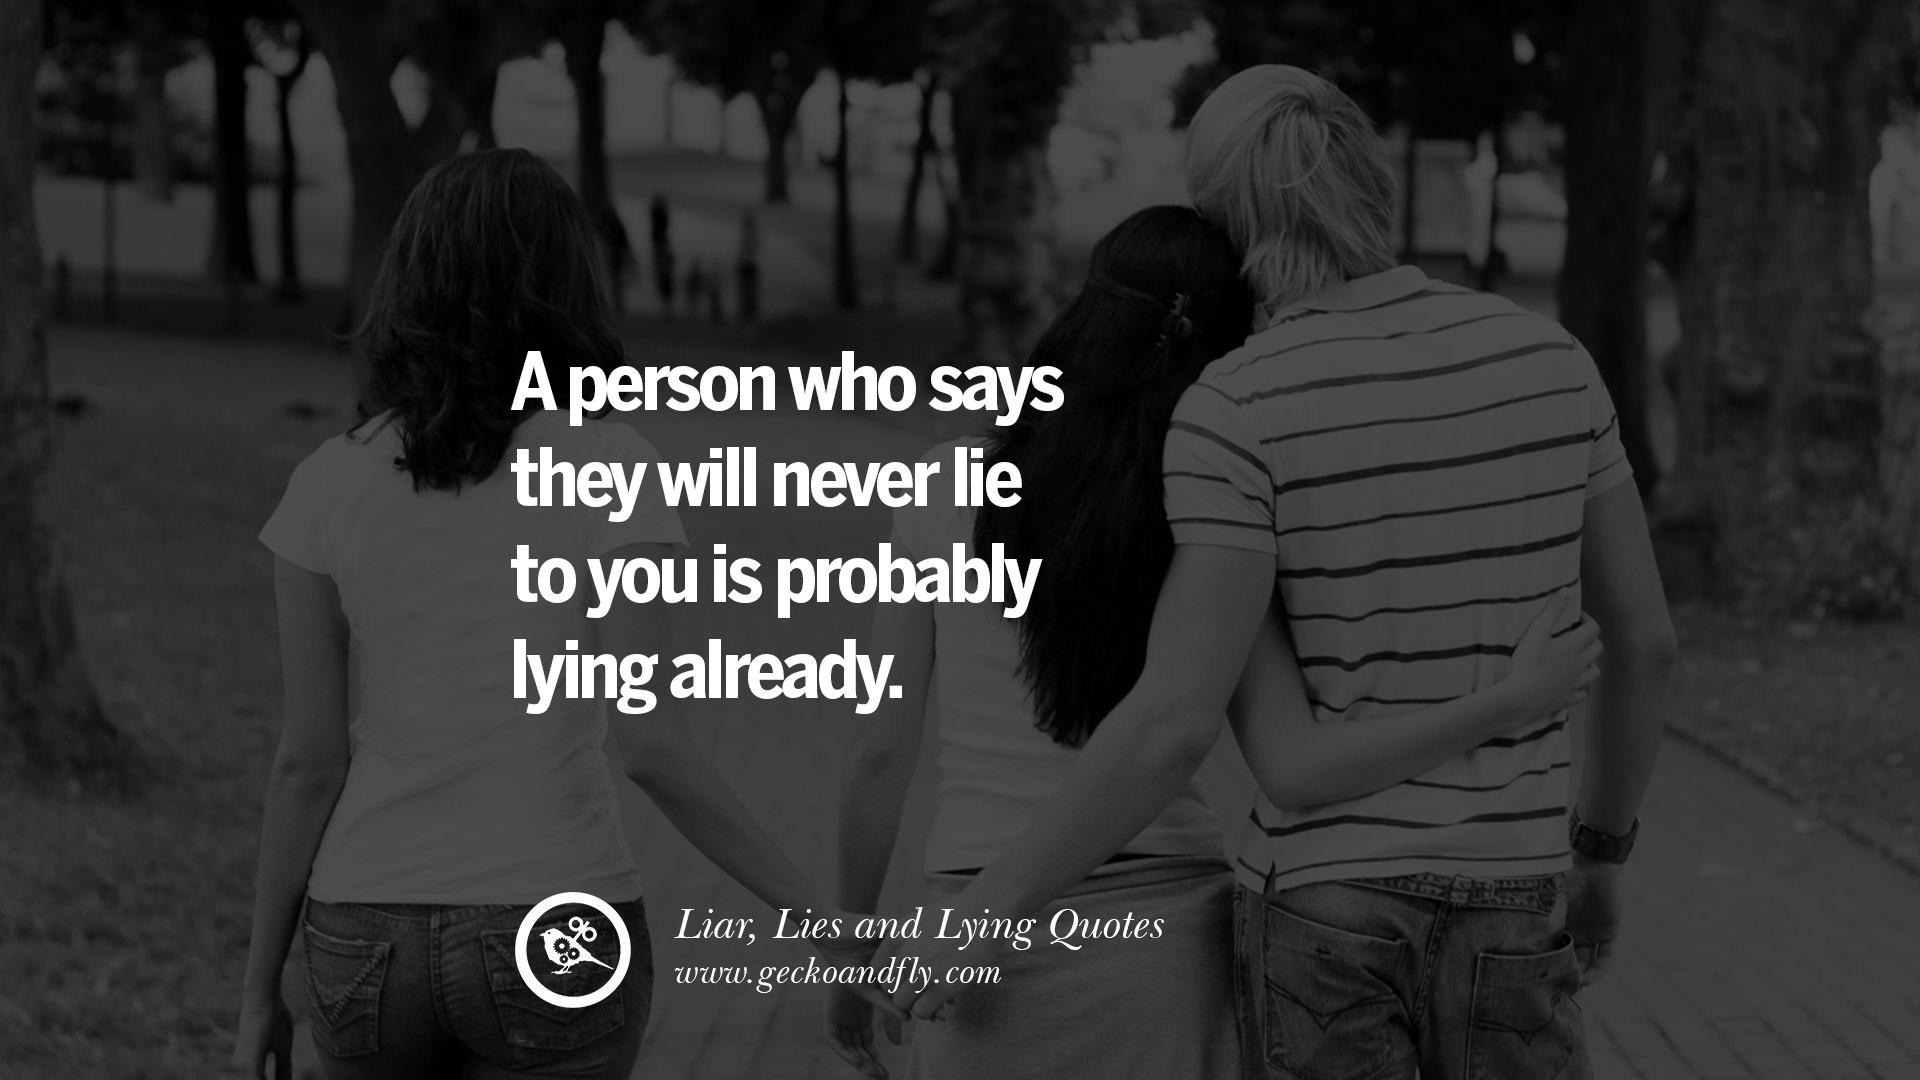 Unfriending Someone Facebook Quotes Sarcastic